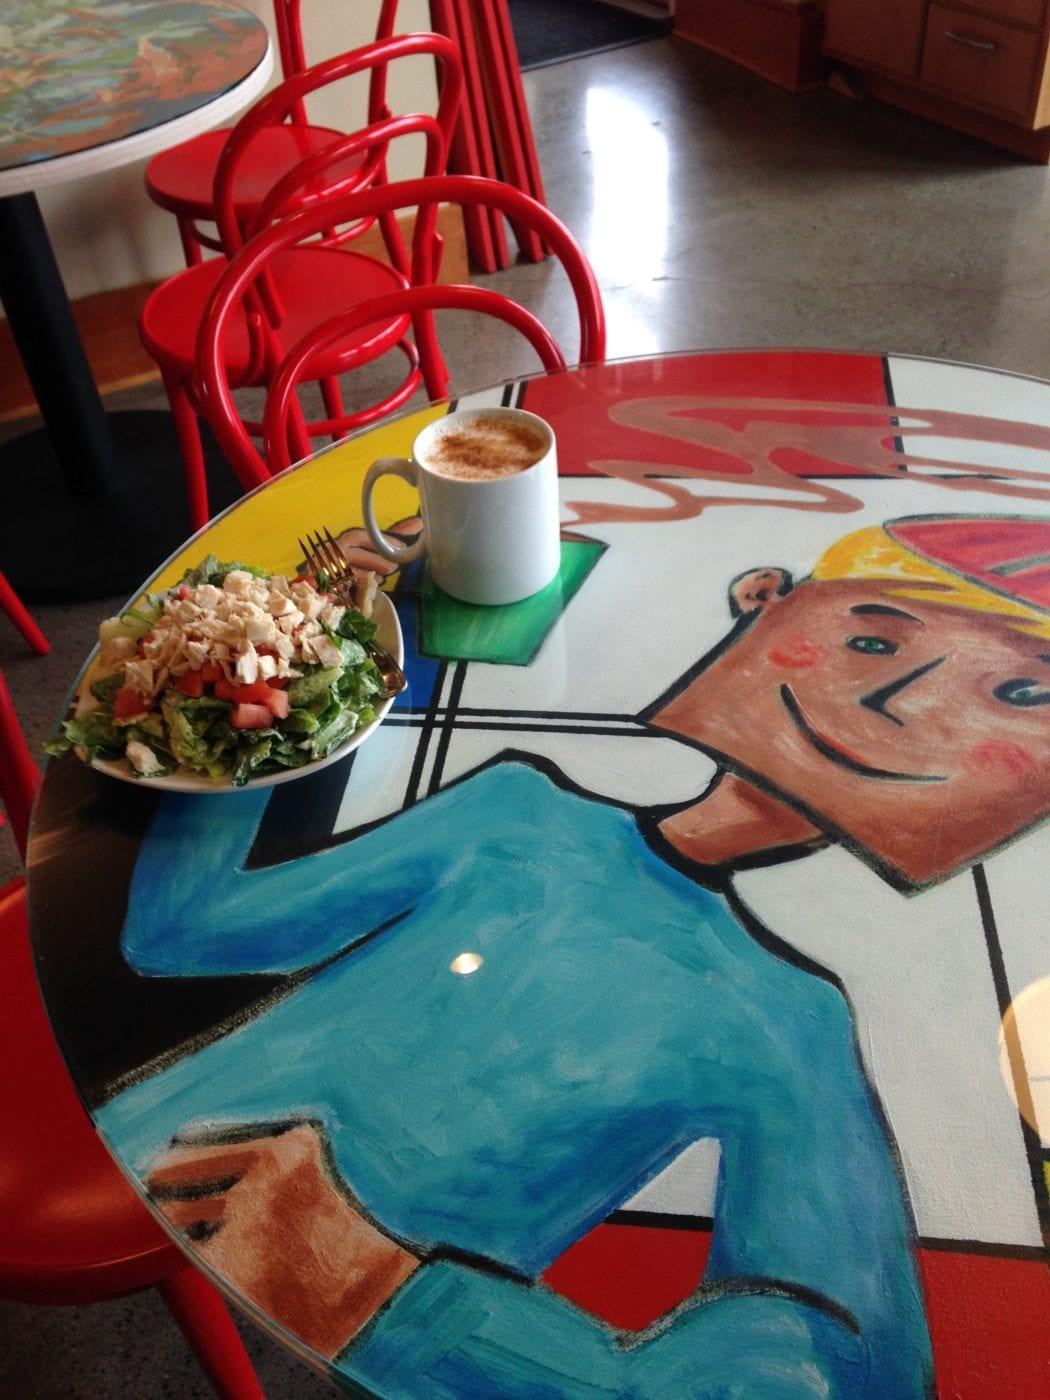 Firehall Cafe Table 2